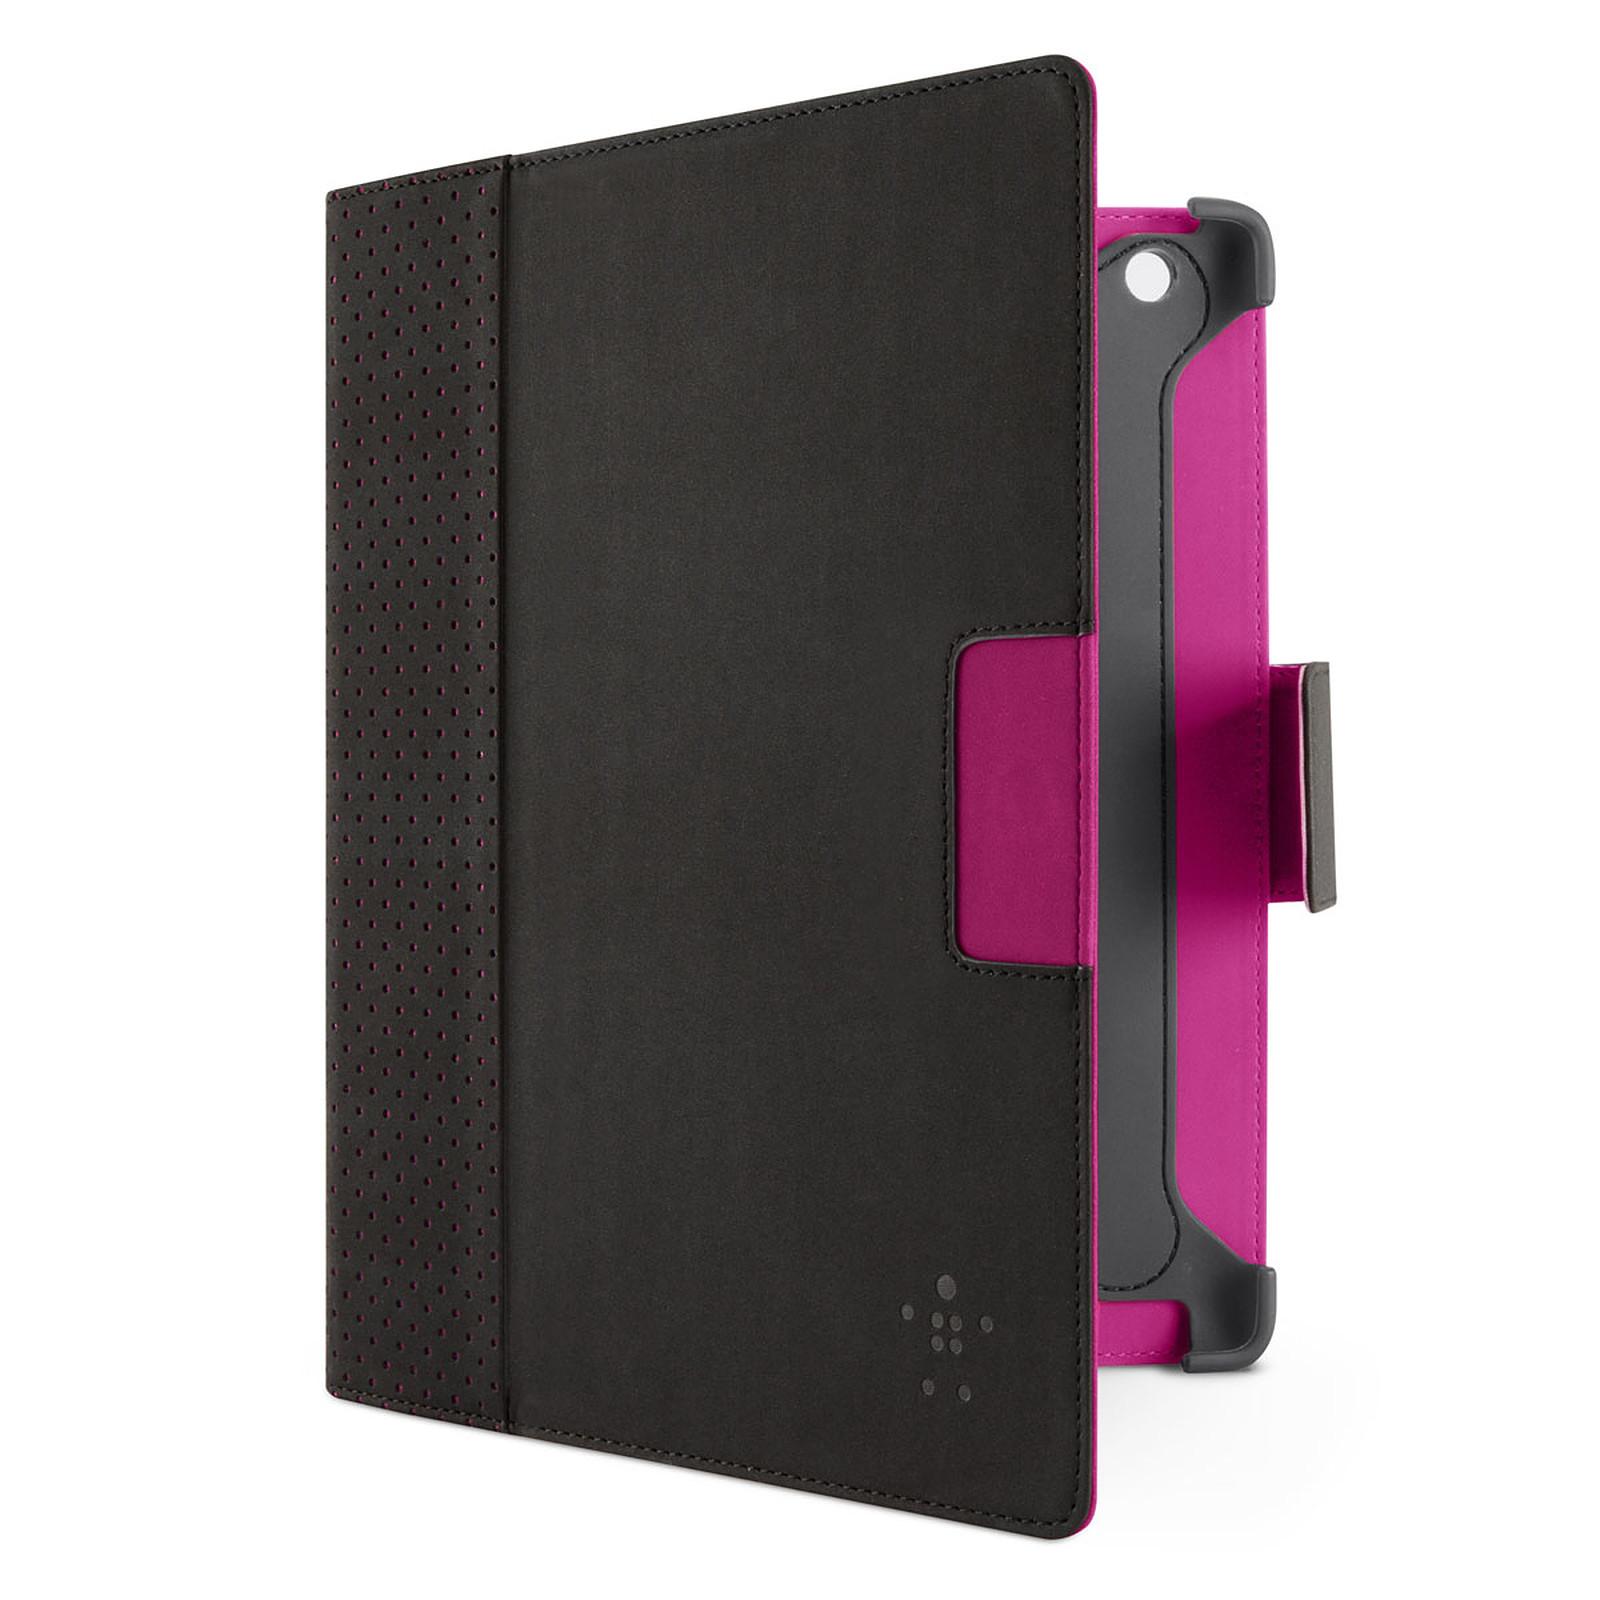 Belkin Cinema Dot pour le Nouvel iPad et l'iPad 2 (Noir/Violet)